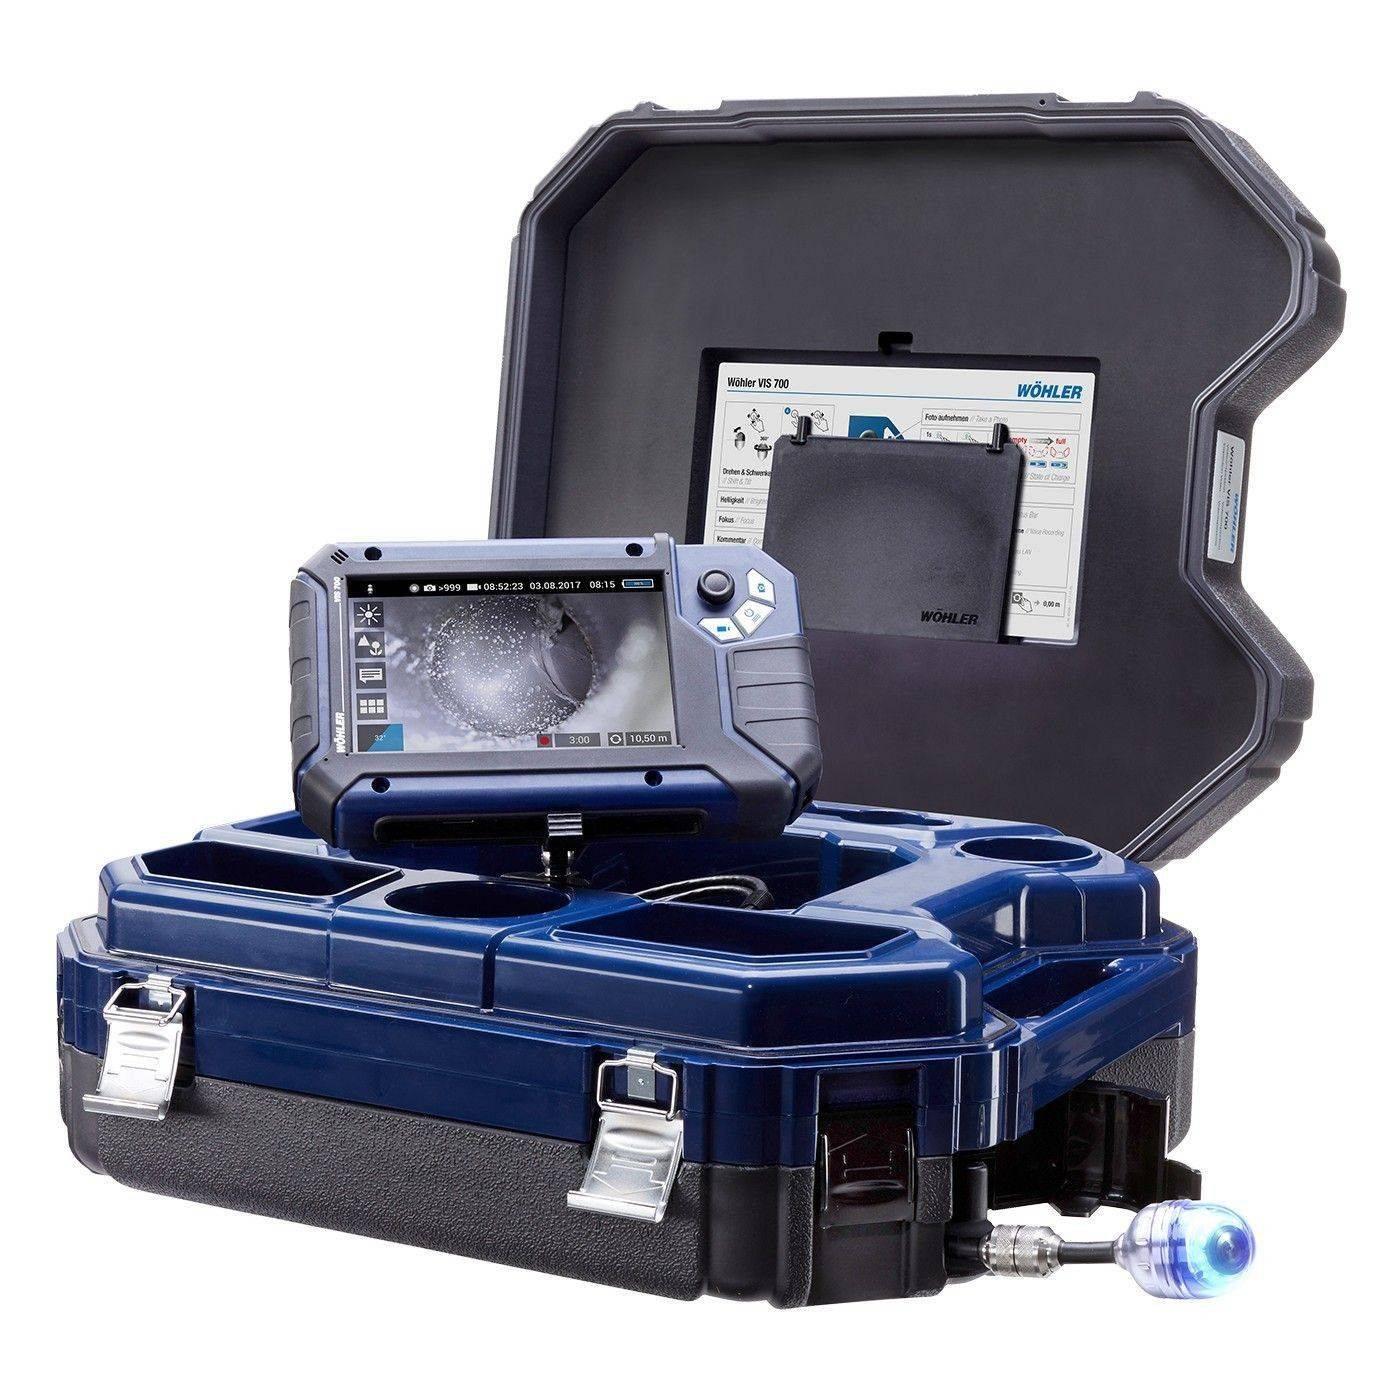 de261e3ab0d091 Wöhler VIS 700 HD-Video Inspection Camera | Wohler USA